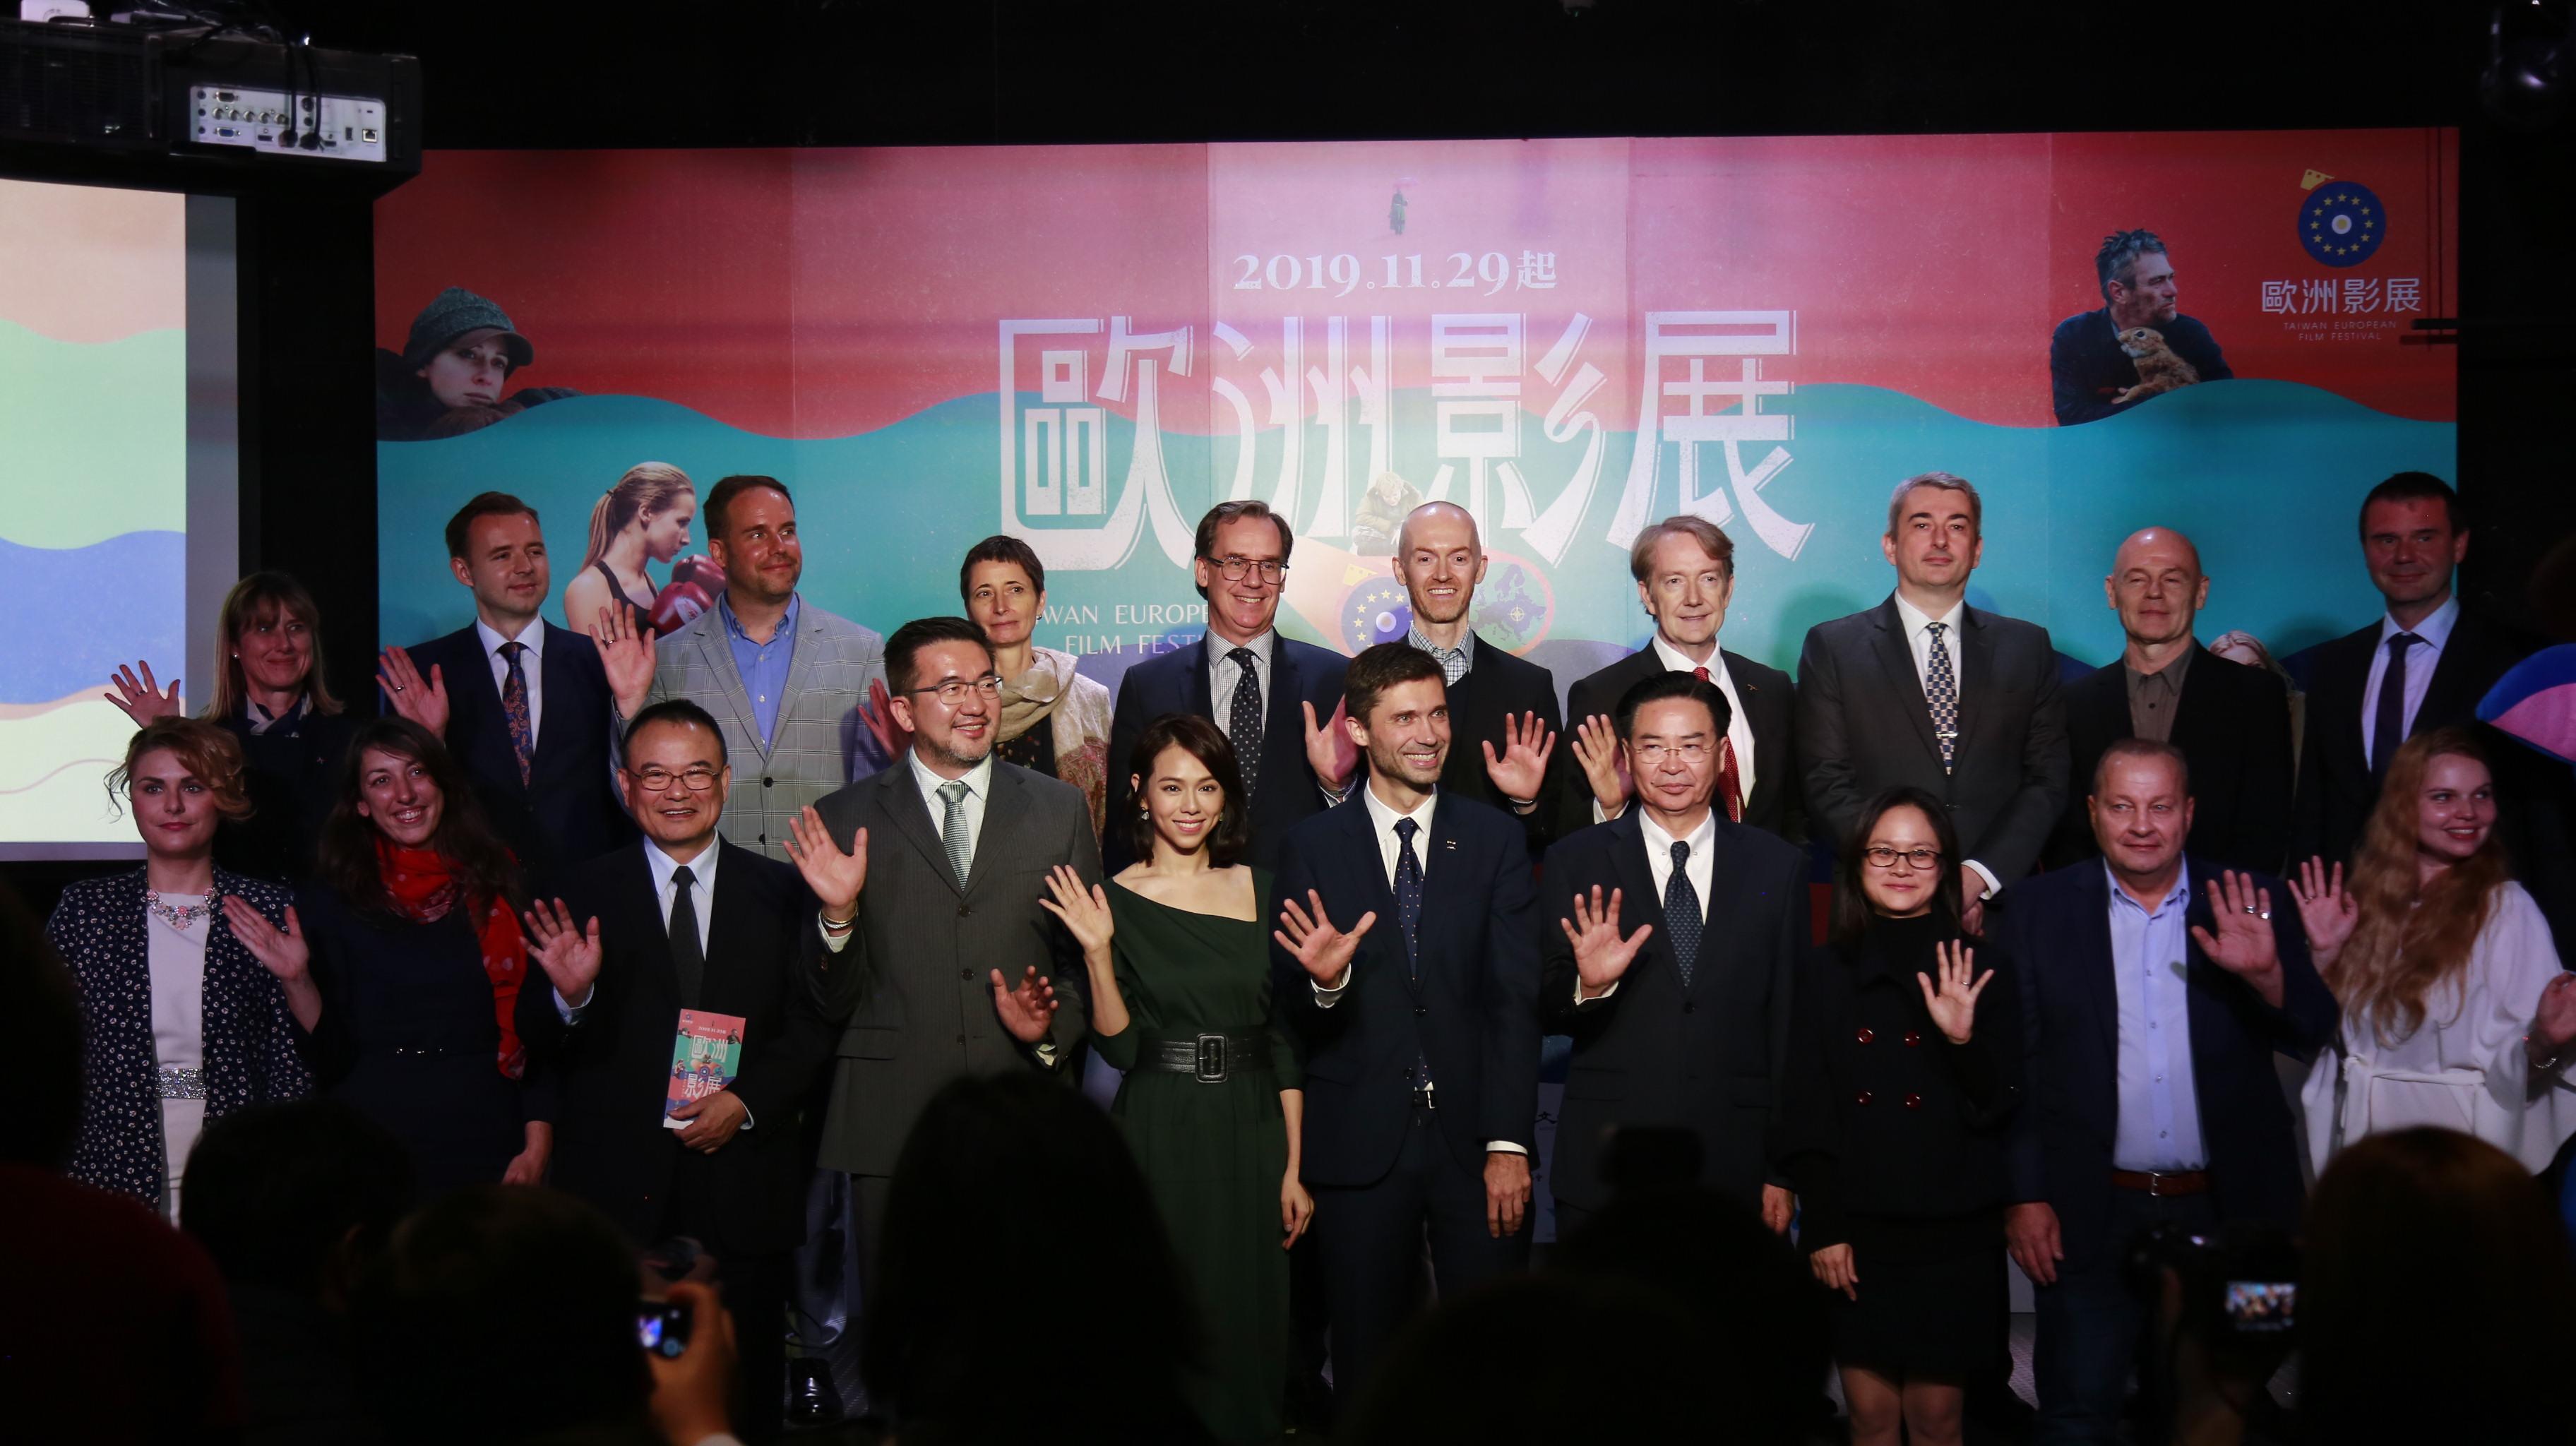 2019歐洲影展開幕 影展大使夏于喬亮麗出席